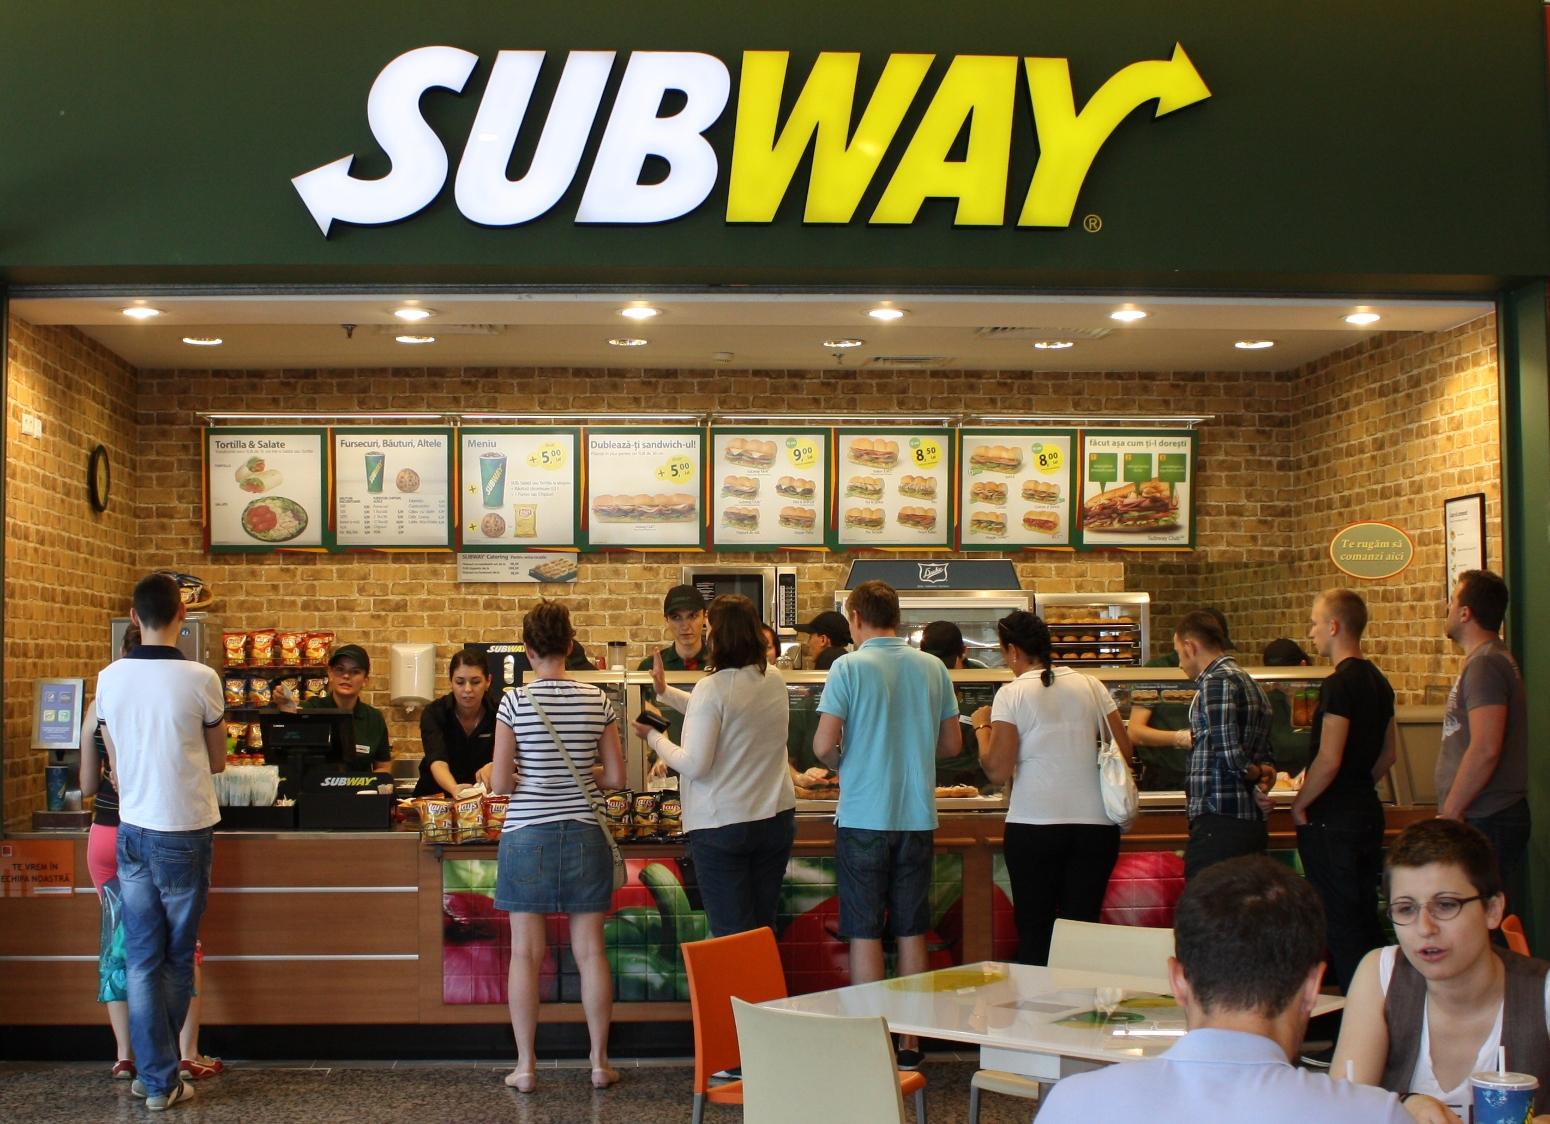 美国快餐连锁店赛百味宣布去除所有人工添加剂,北美先行